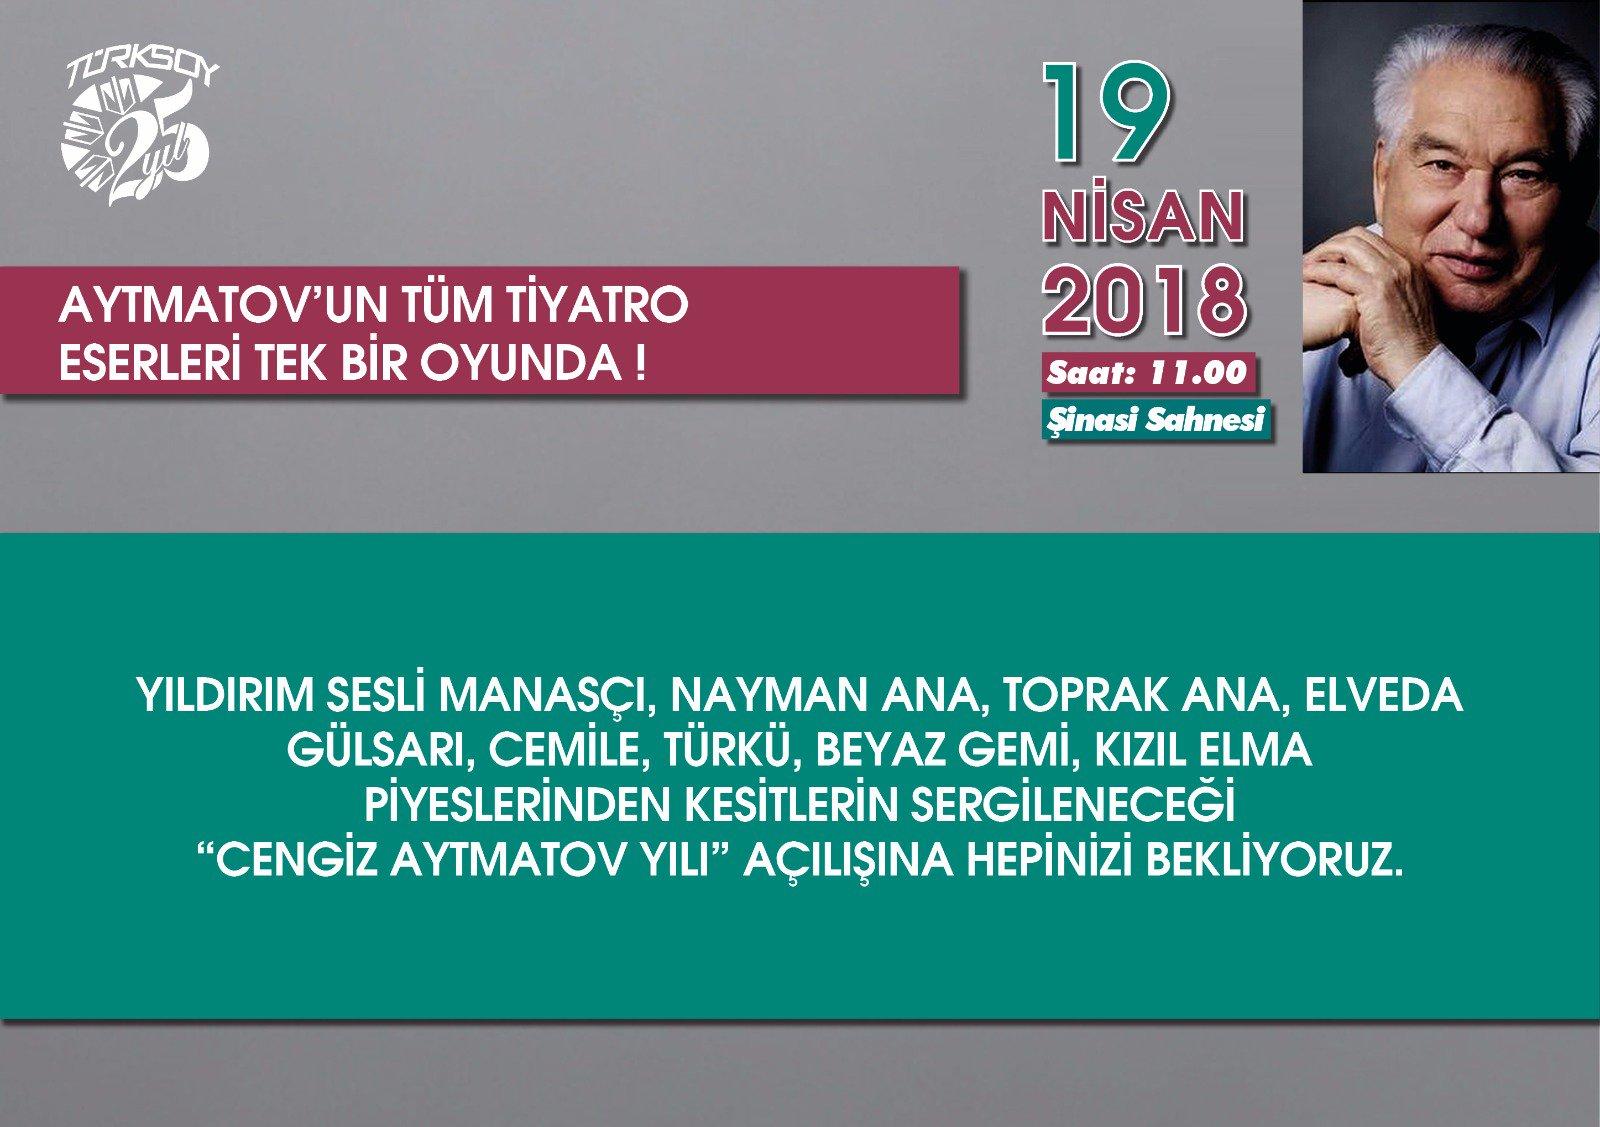 Aytmatov'un tüm tiyatro eserleri tek bir oyunda!